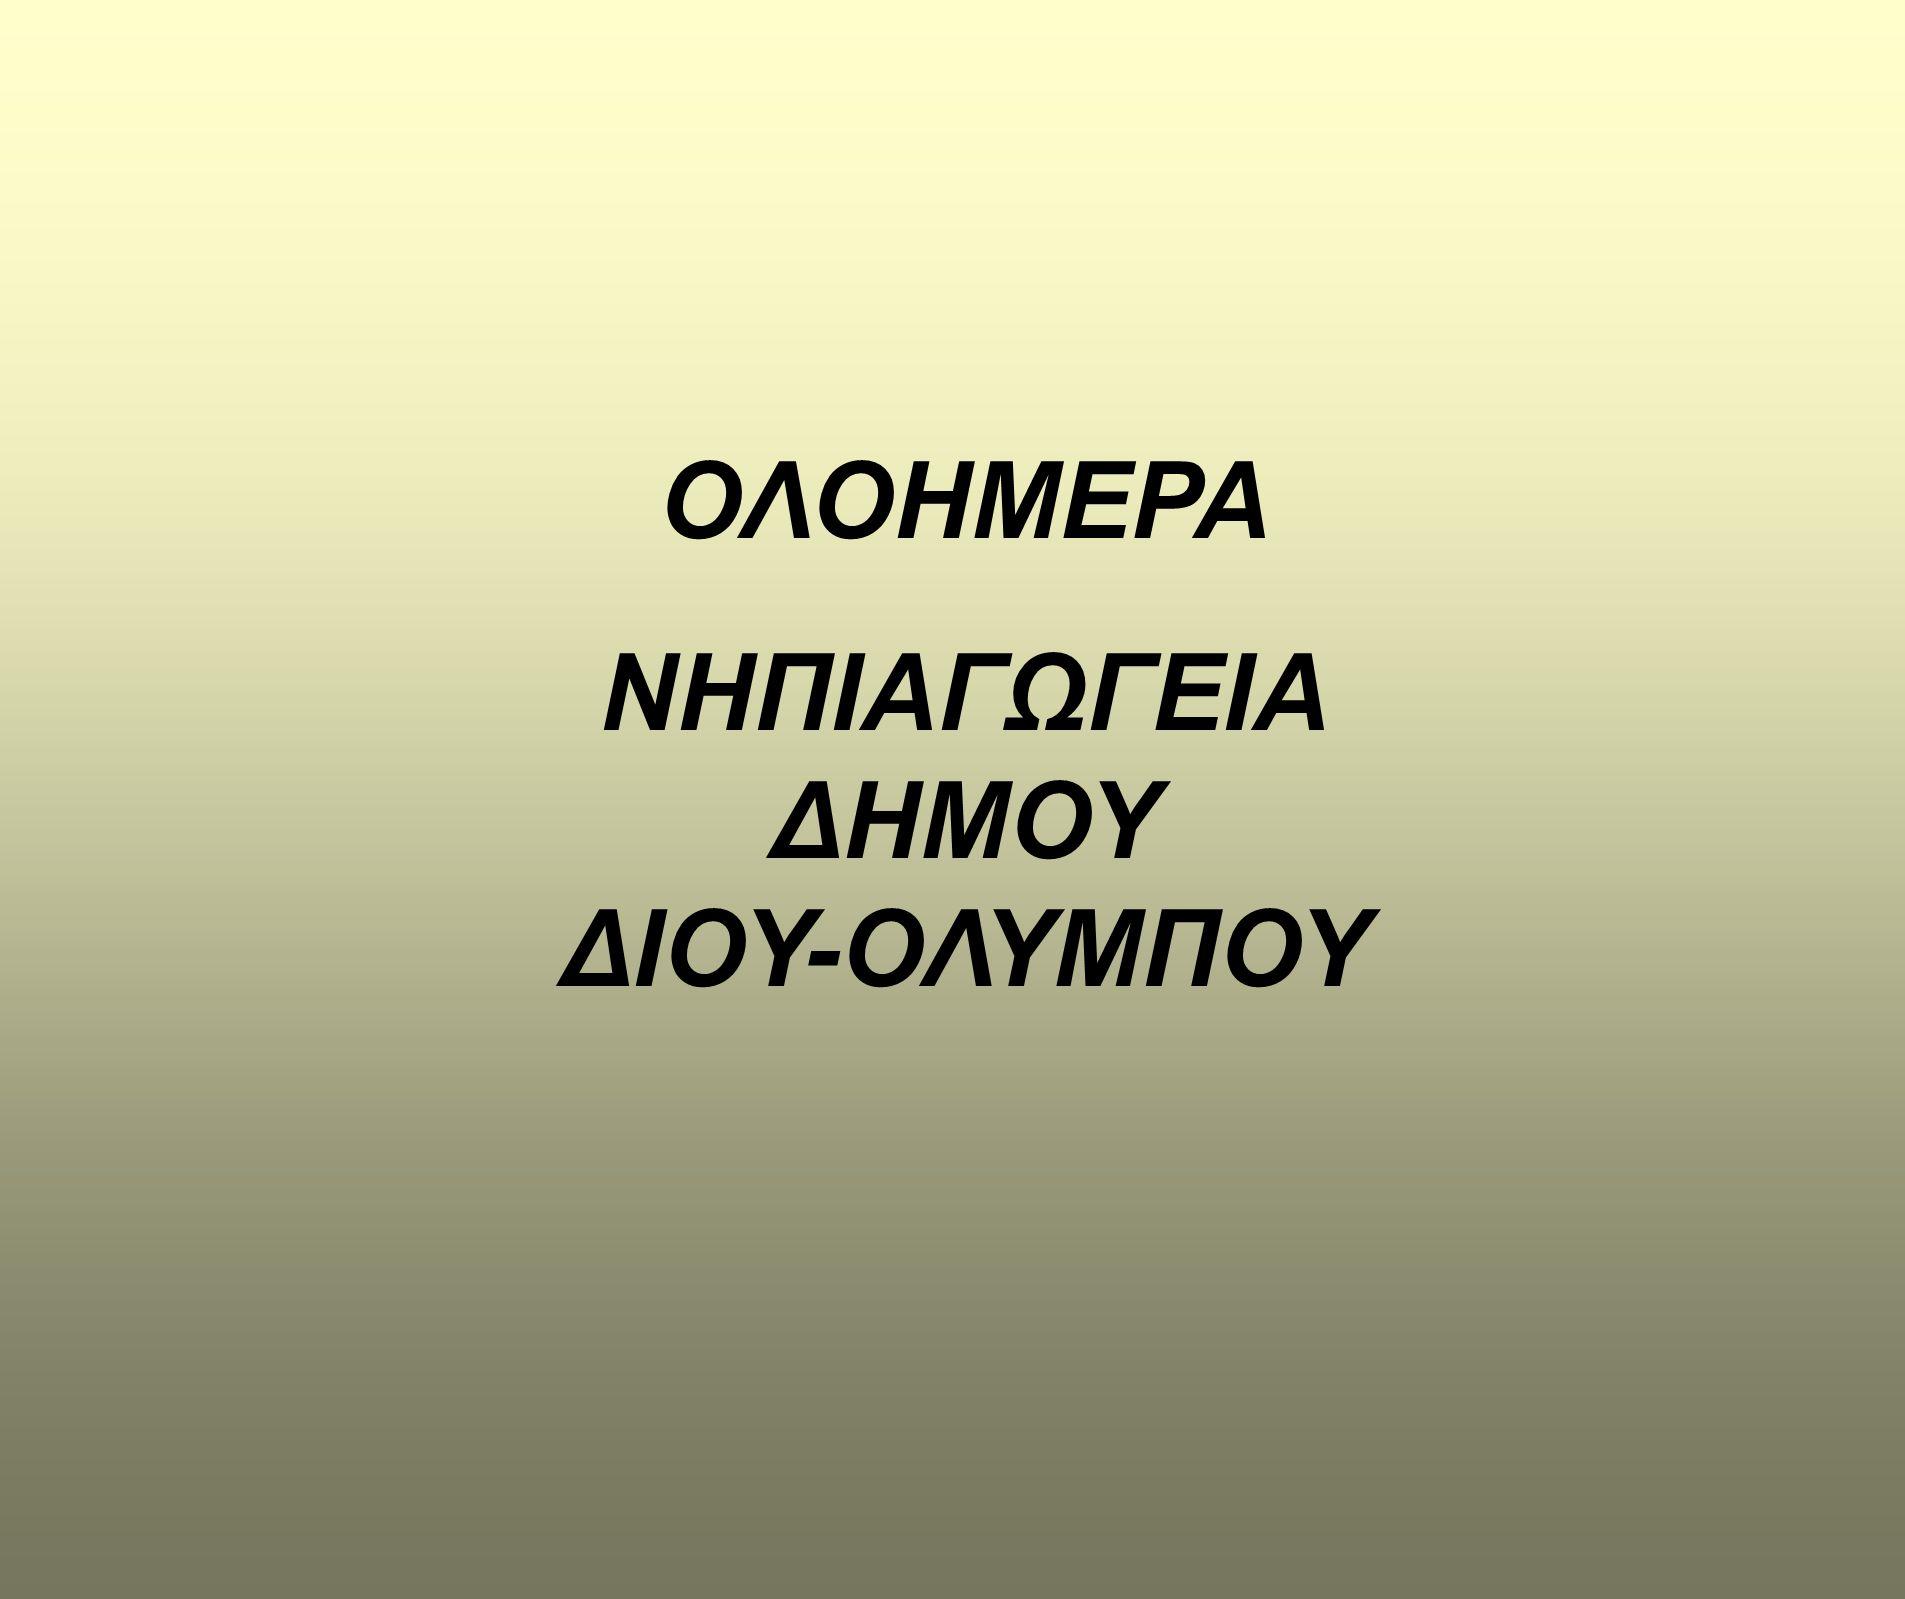 ΟΛΟΗΜΕΡΑ ΝΗΠΙΑΓΩΓΕΙΑ ΔΗΜΟΥ ΔΙΟΥ-ΟΛΥΜΠΟΥ